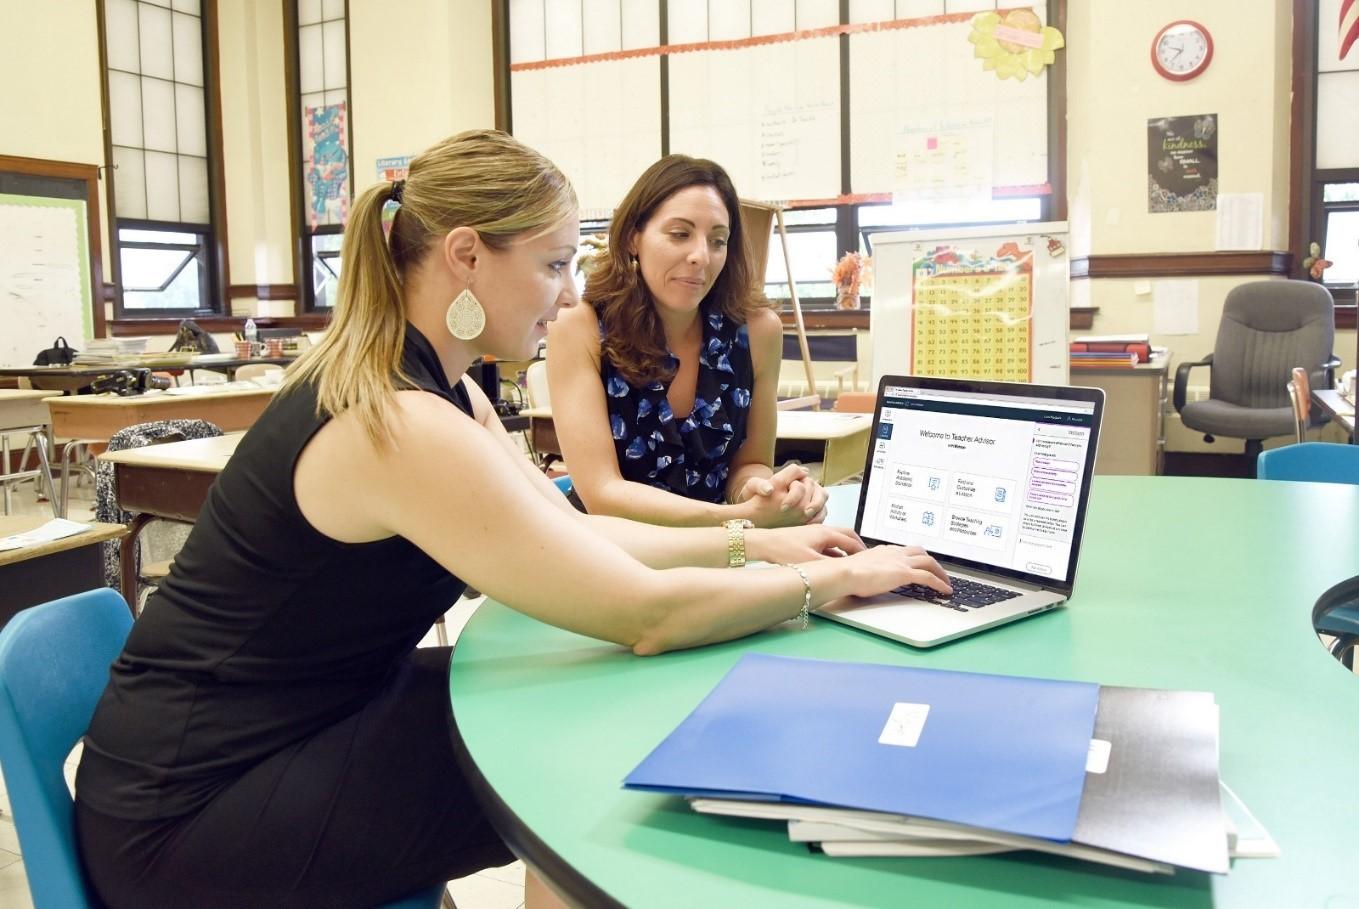 Корпорация IBM поможет учителям повысить качество обучения школьников - 1